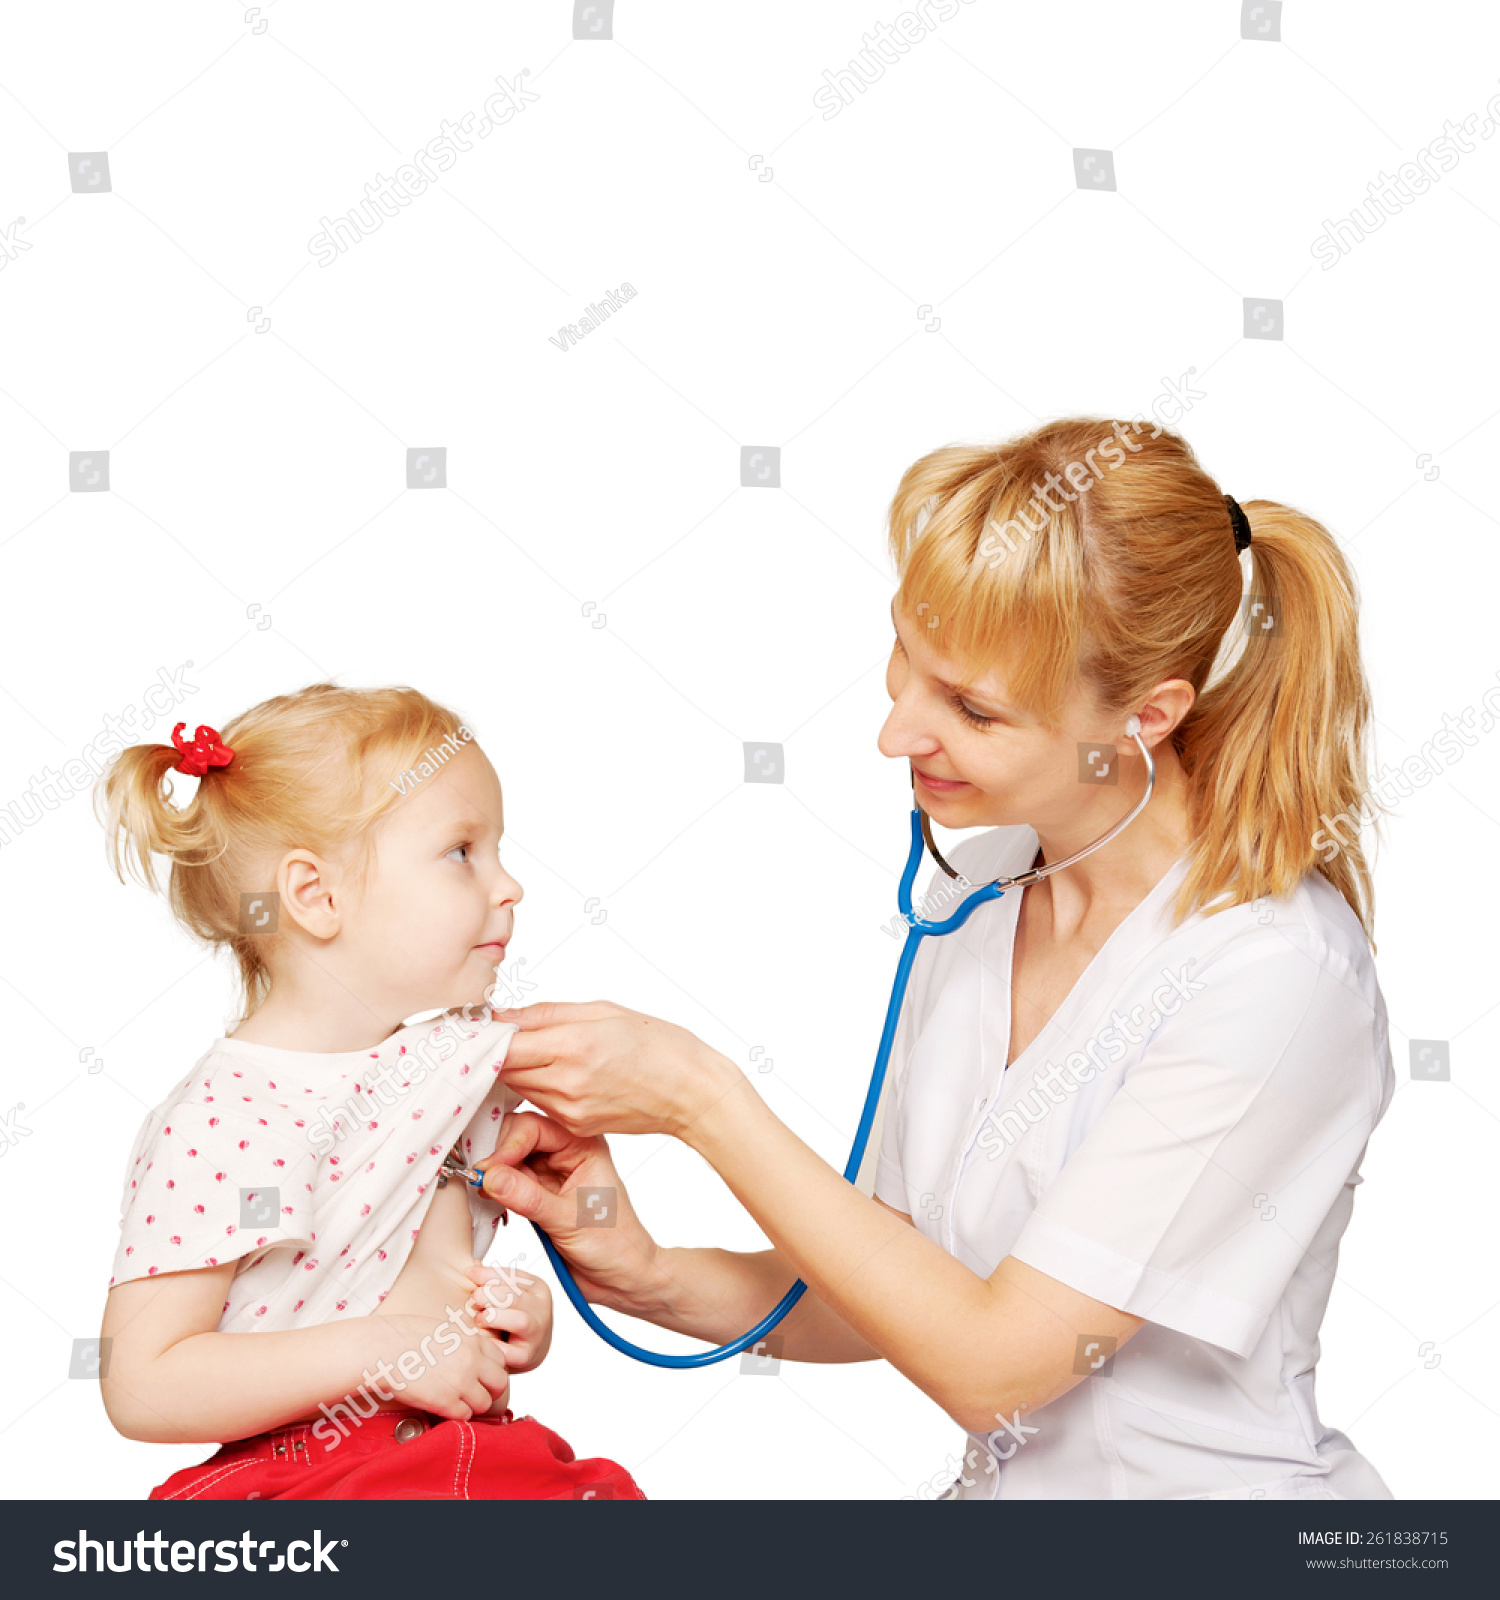 友好的医生执行的心脏和肺听诊恢复婴儿孩子 孤立在白色背景 医疗保健,人物 站酷海洛创意正版图片,视频,音乐素材交易平台 Shutterstock中国独家合作伙伴